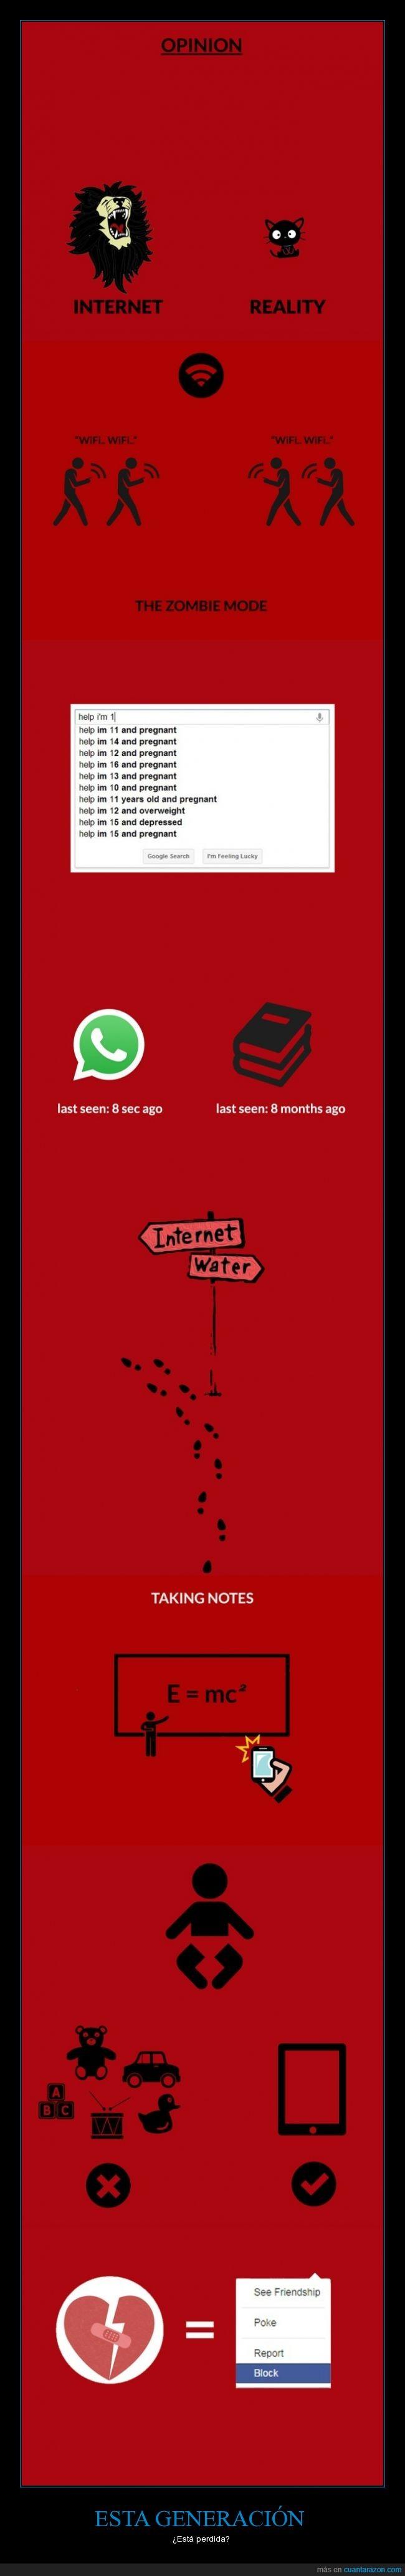 adicta a las tecnologías,adolescente,evolución,generación perdida,infancia,jóvenes,millenials,todo en el móvil,triste